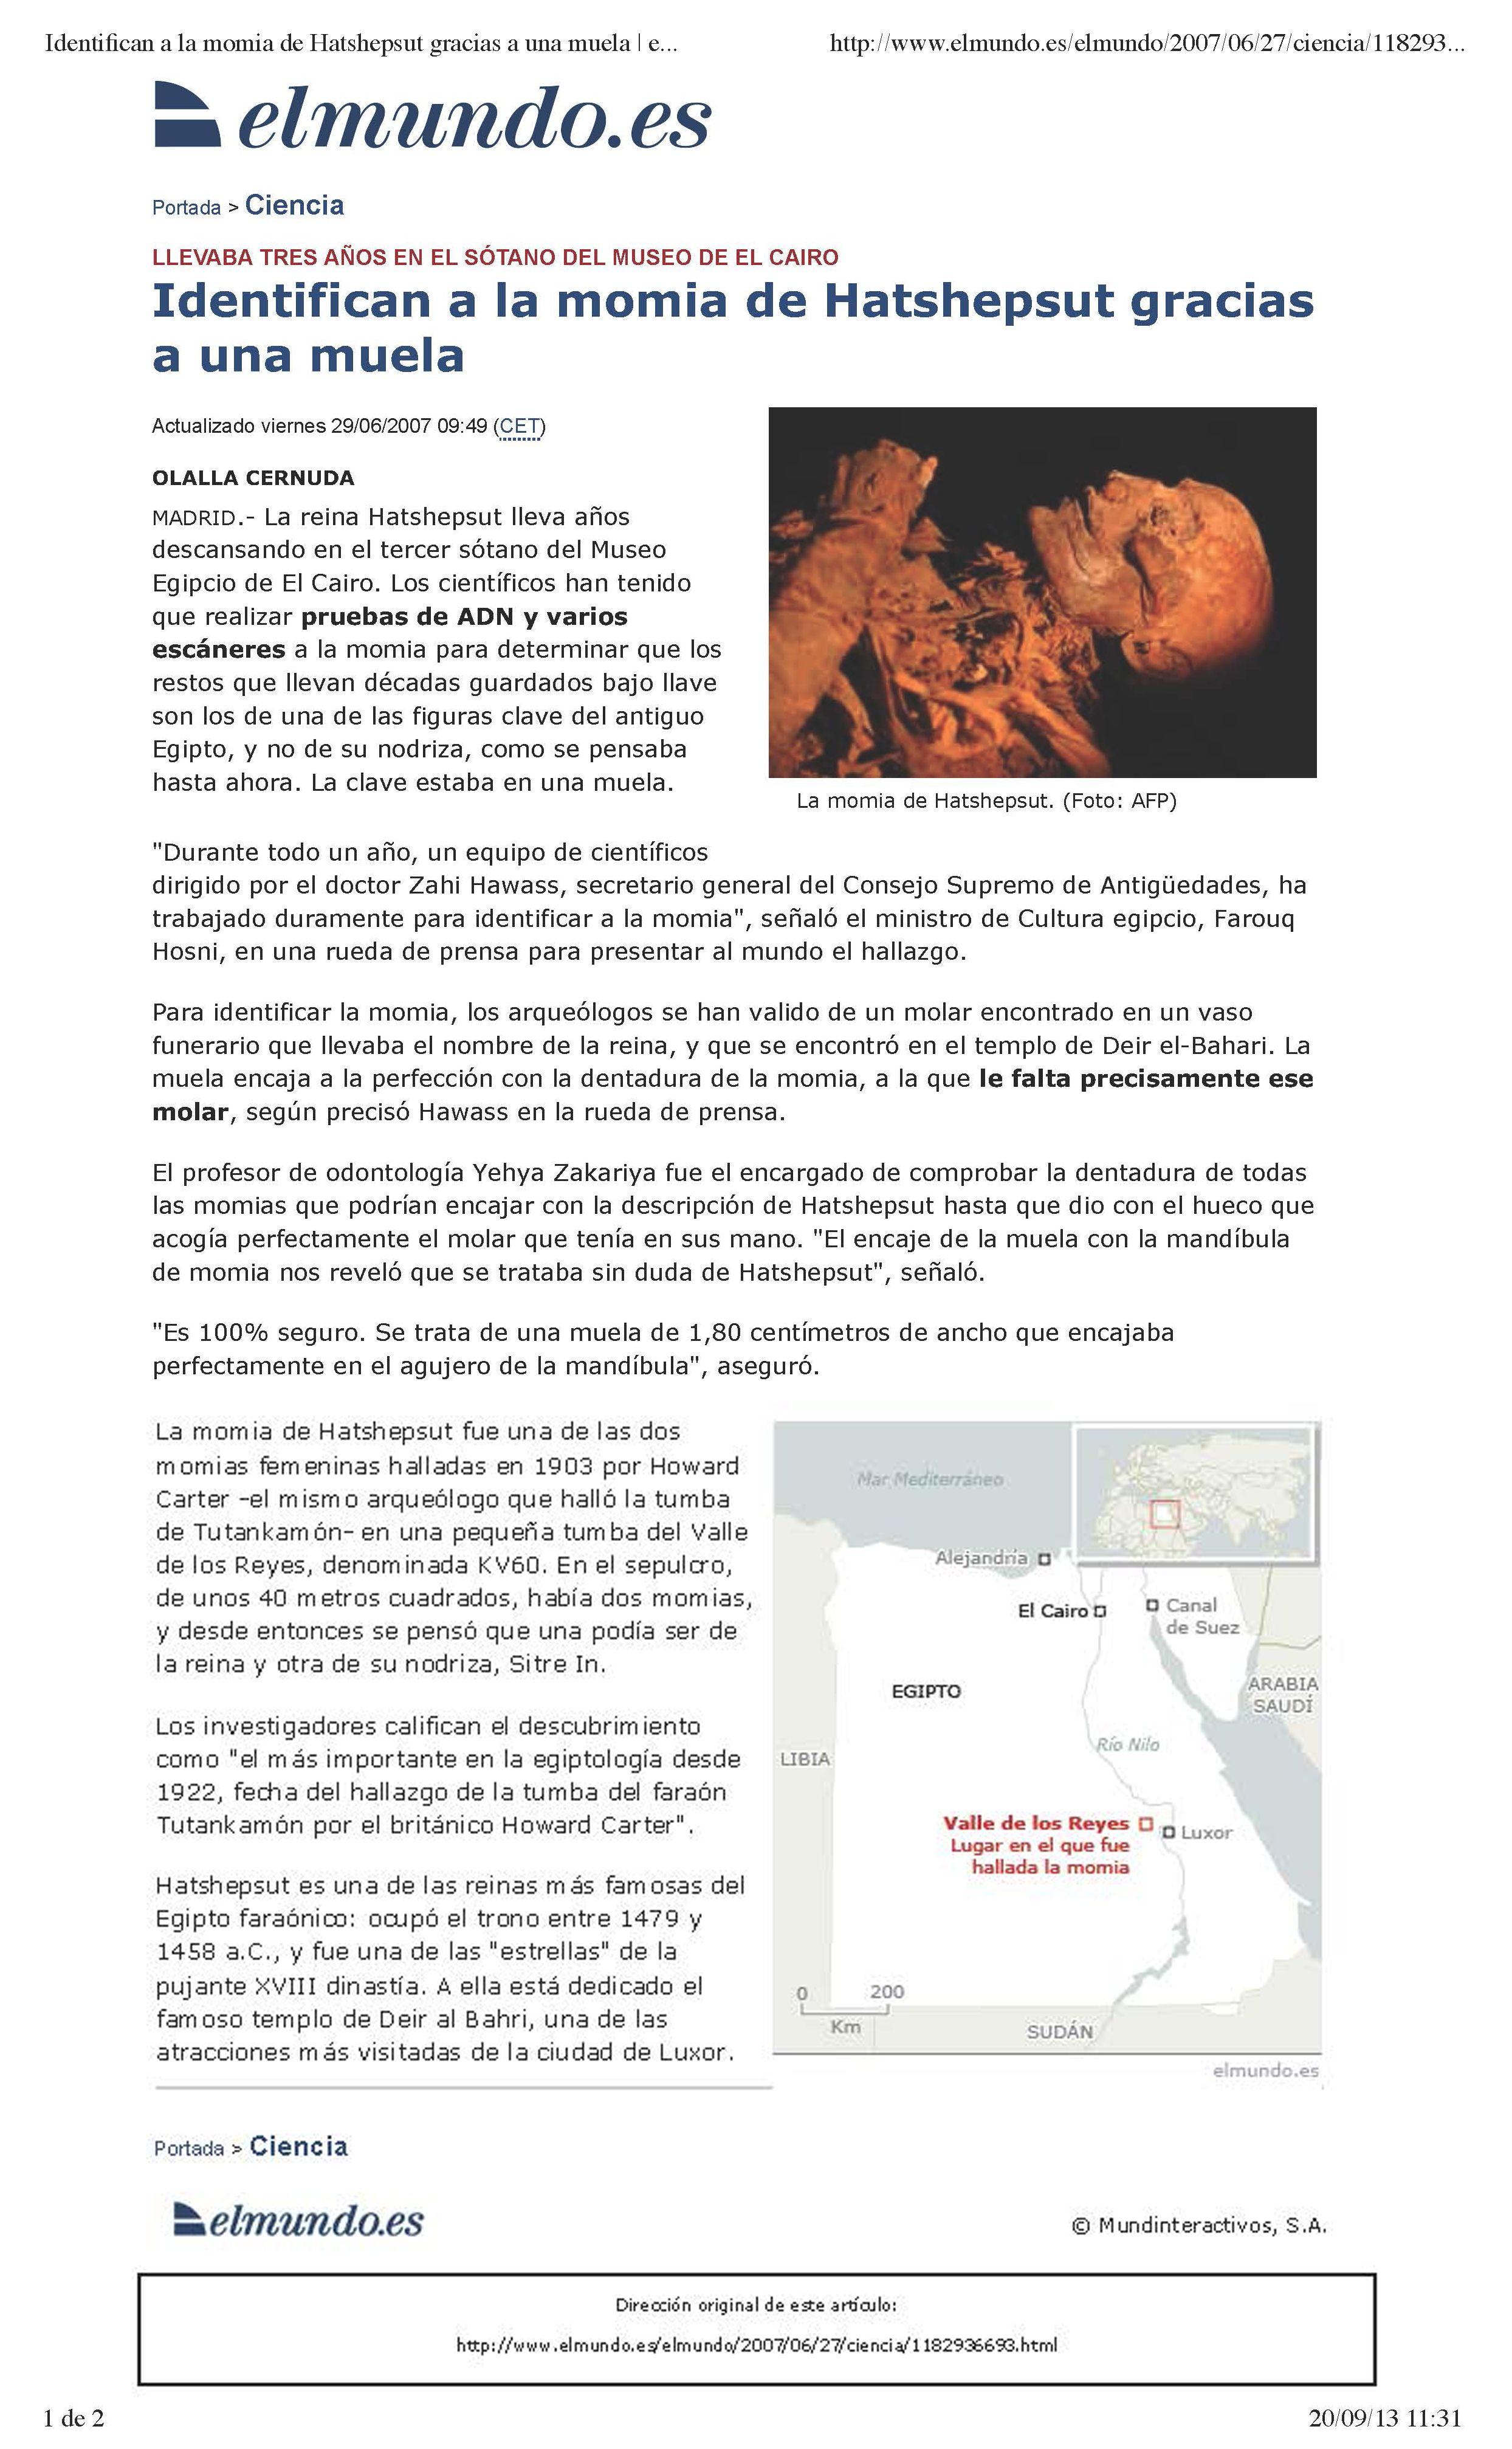 """""""Identifican a la momia de Hatshepsut gracias a una muela."""" El Mundo , 29/06/2007"""